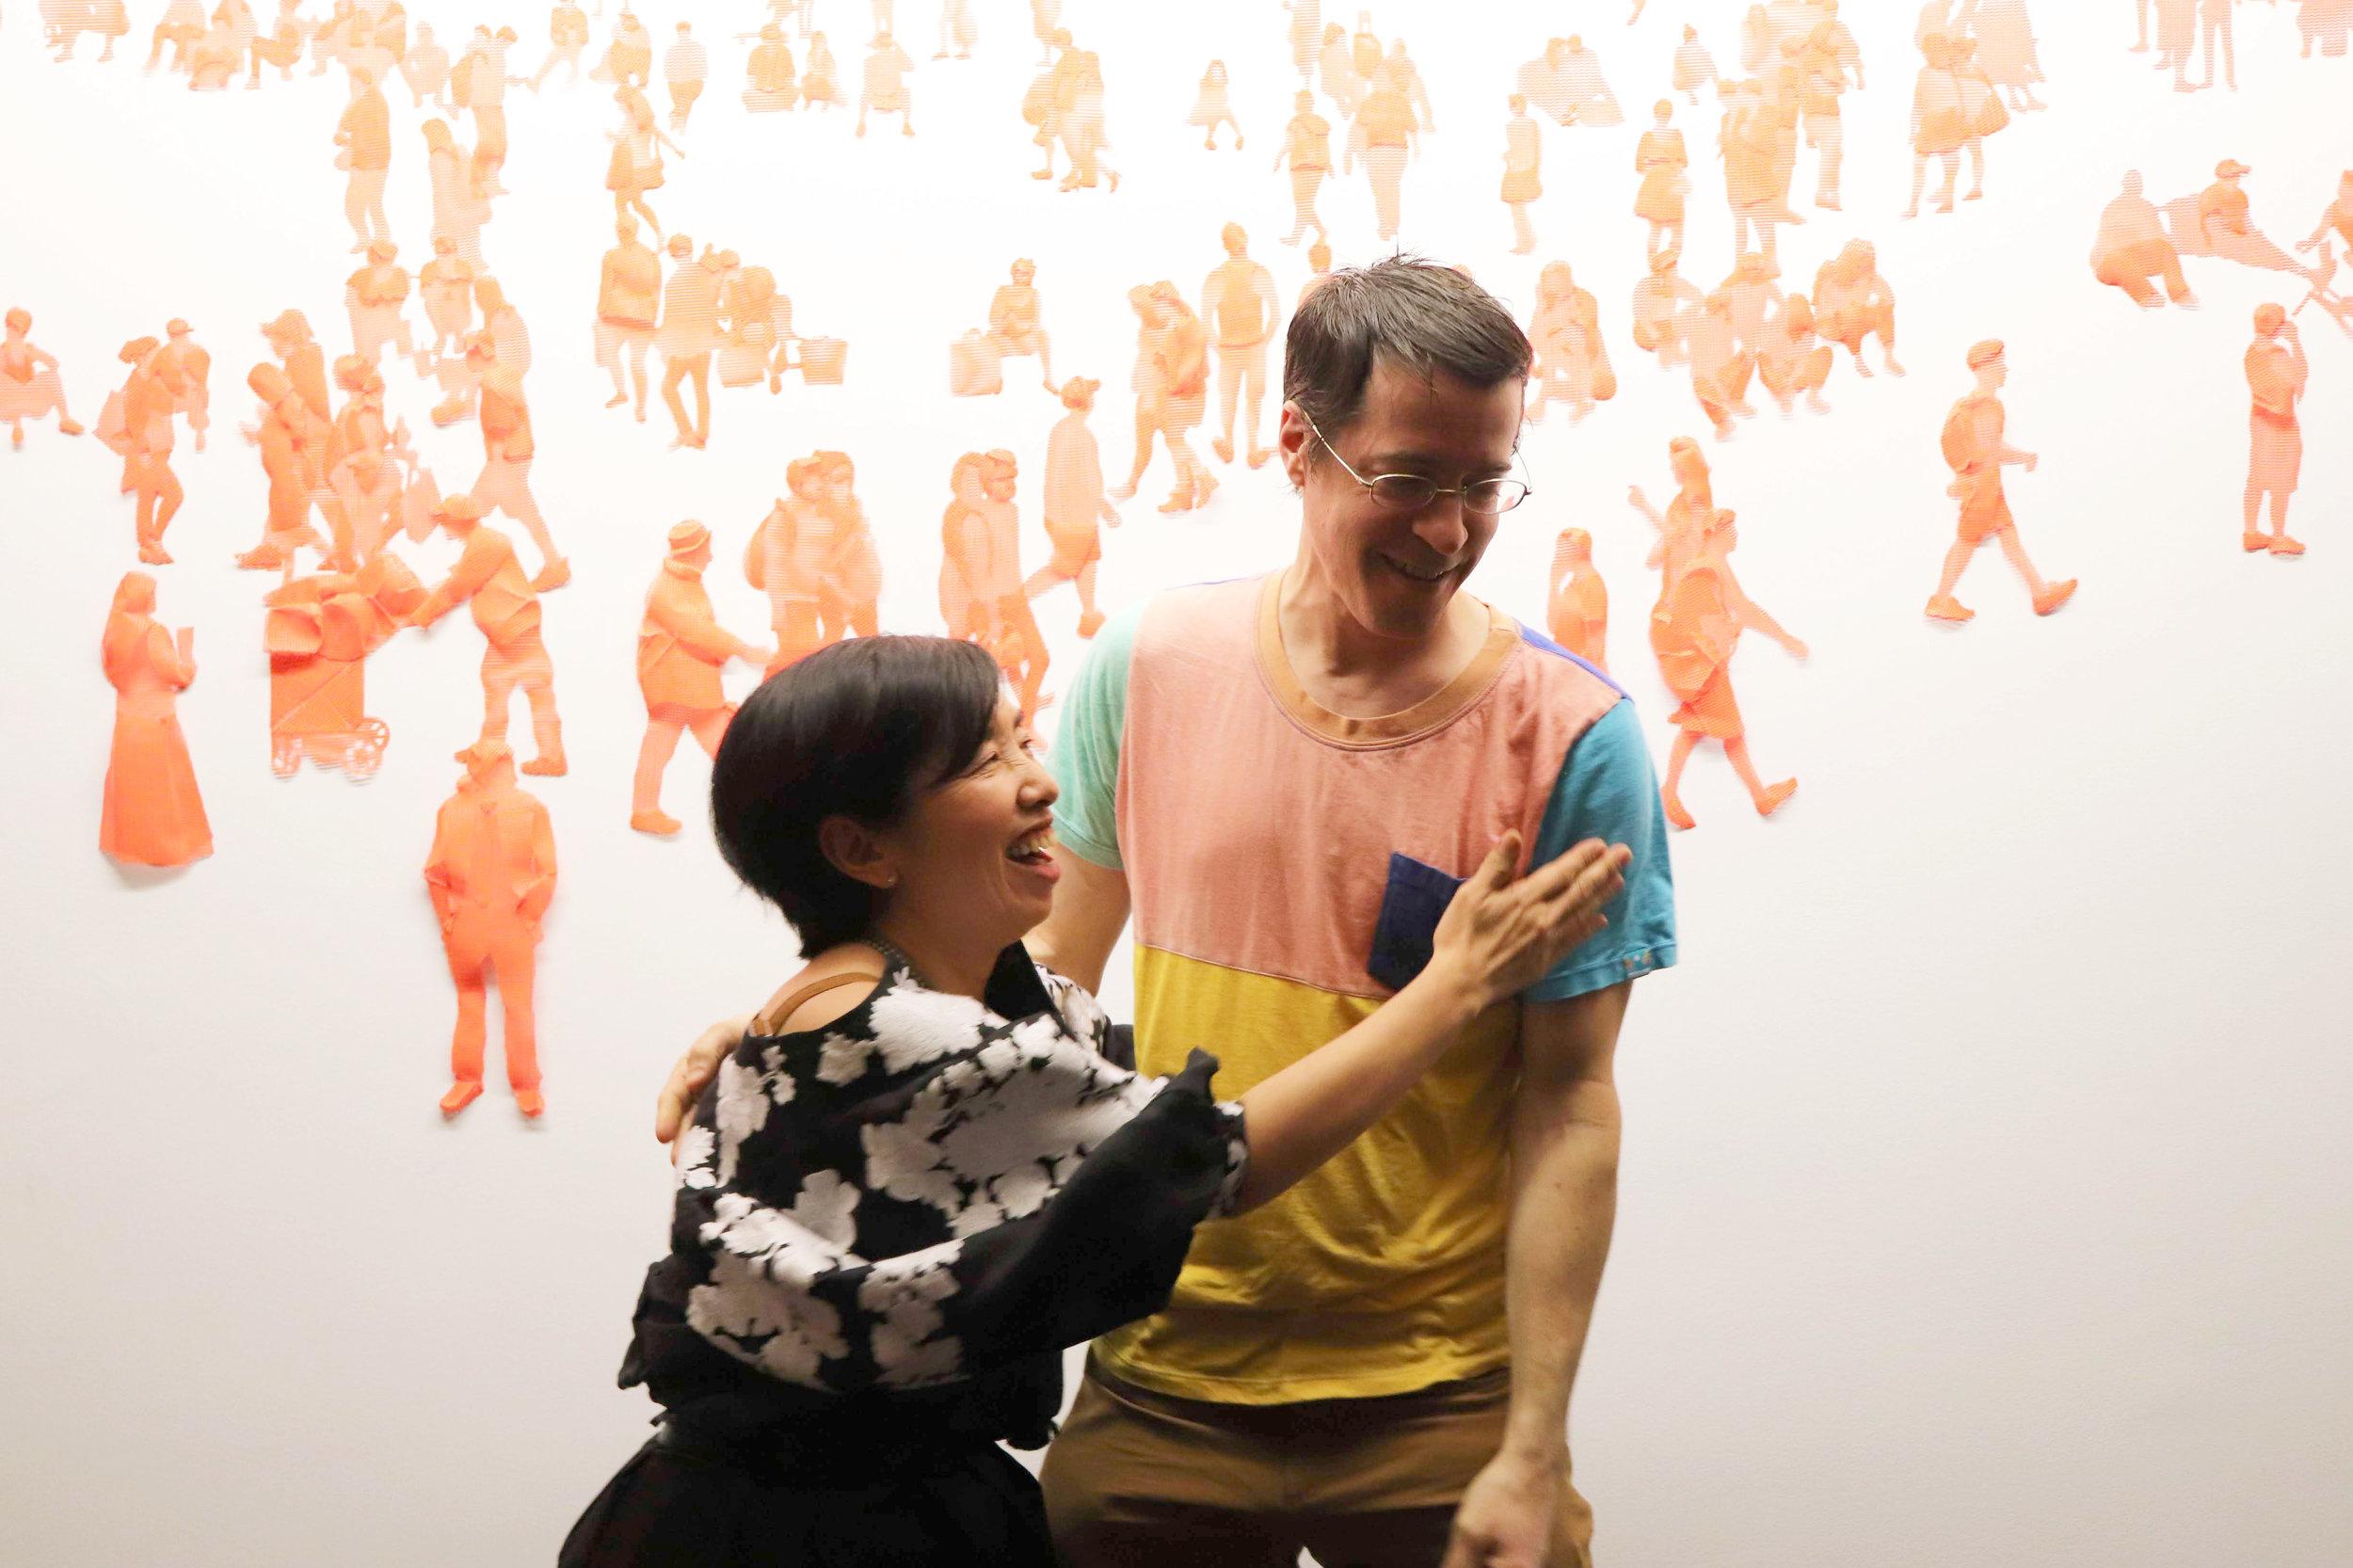 Harumi Ori, Artist in Residence